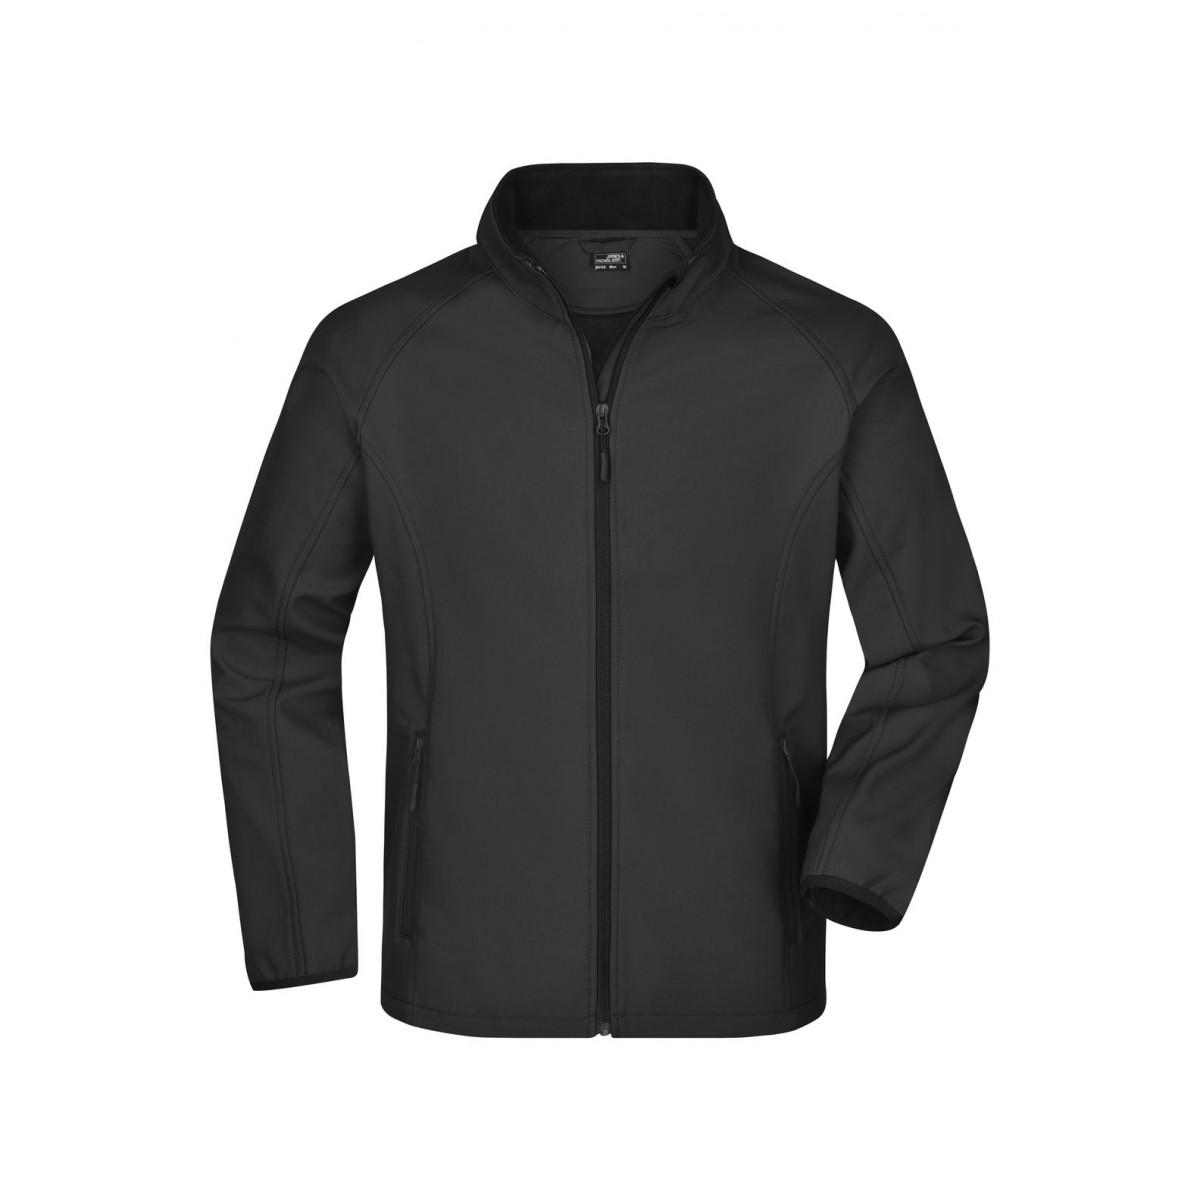 Куртка мужская JN1130 Mens Promo Softshell Jacket - Черный/Черный